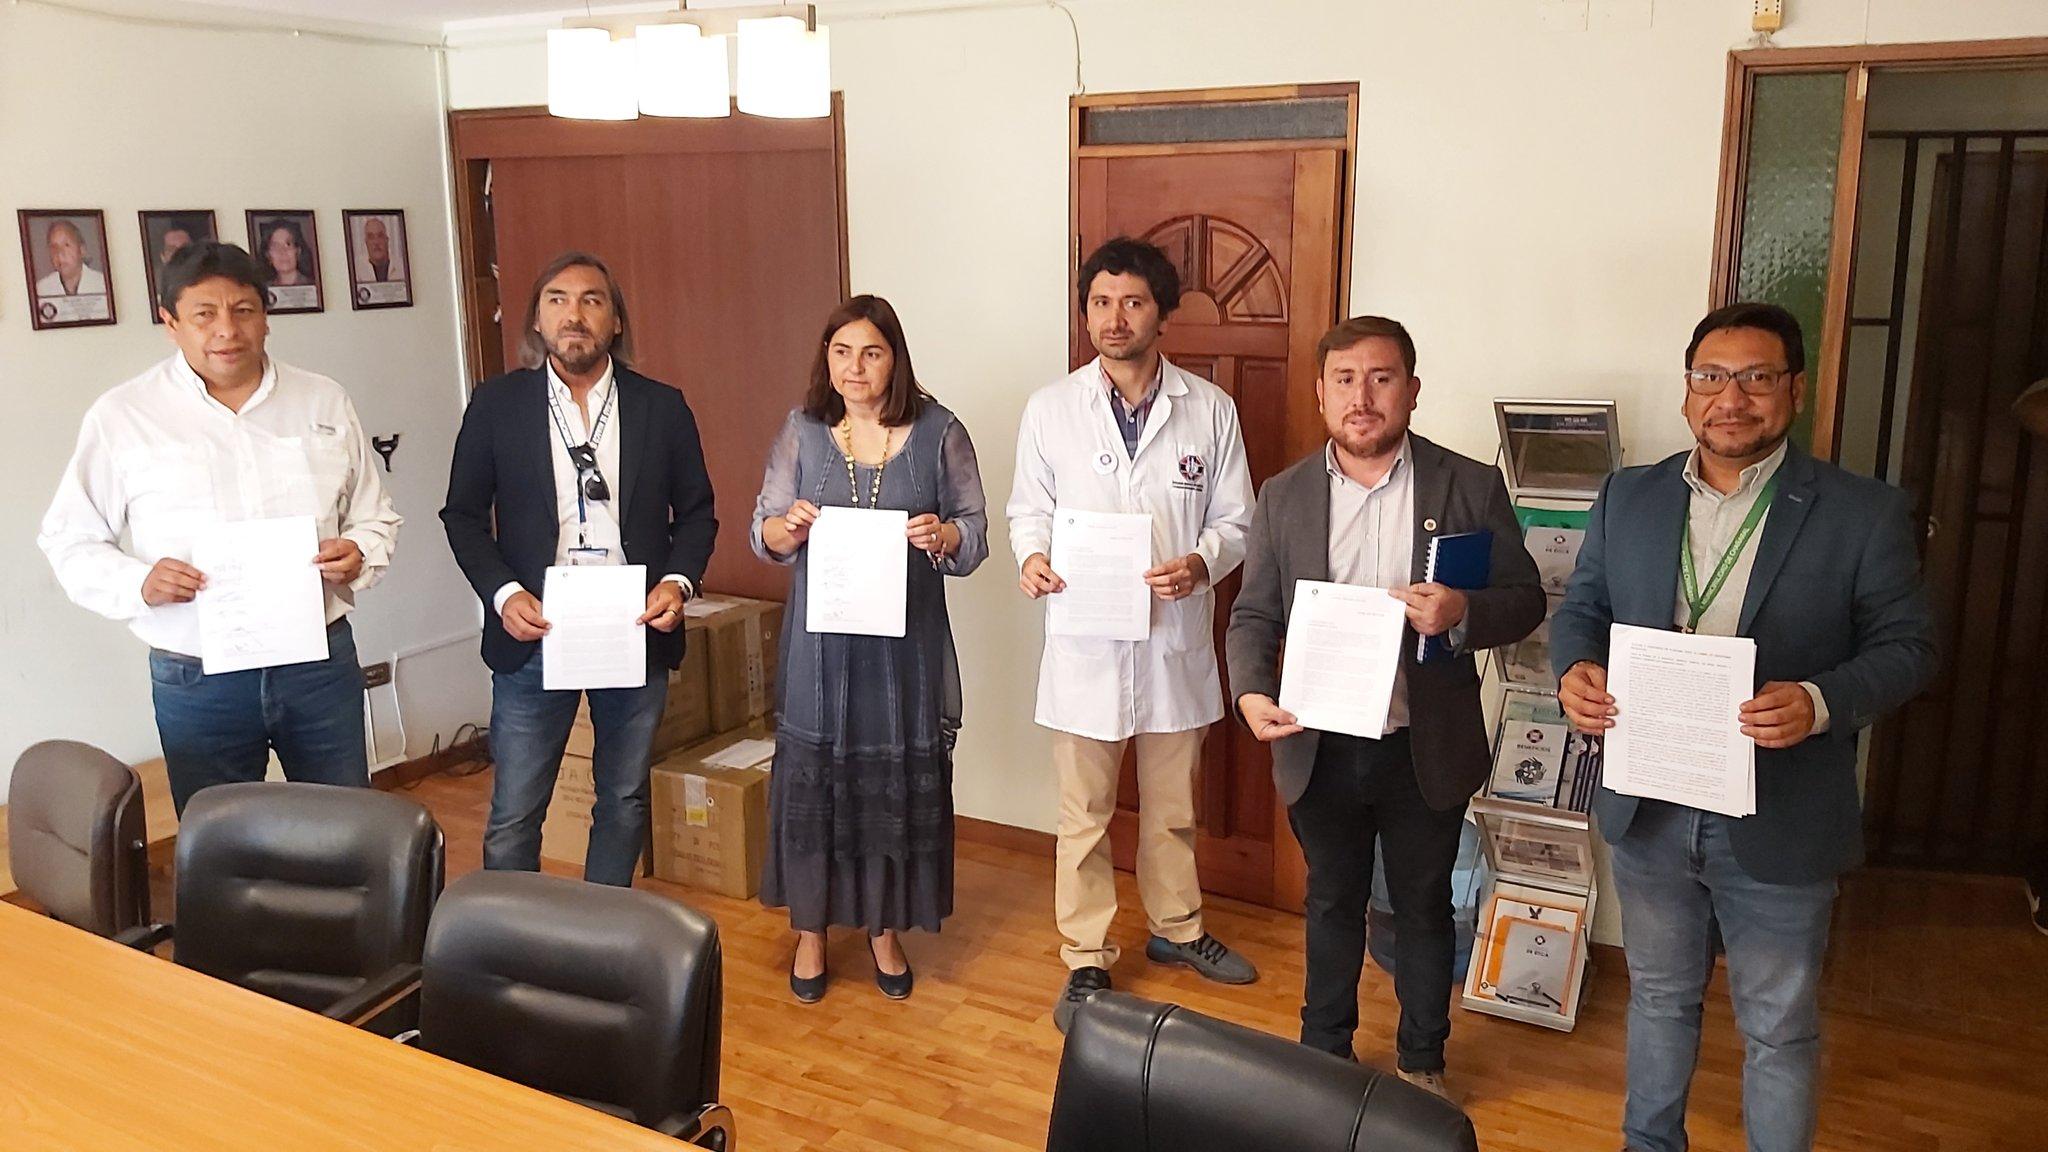 Alcaldes piden cerrar fronteras locales y Colegio Médico solicita cuarentena regional